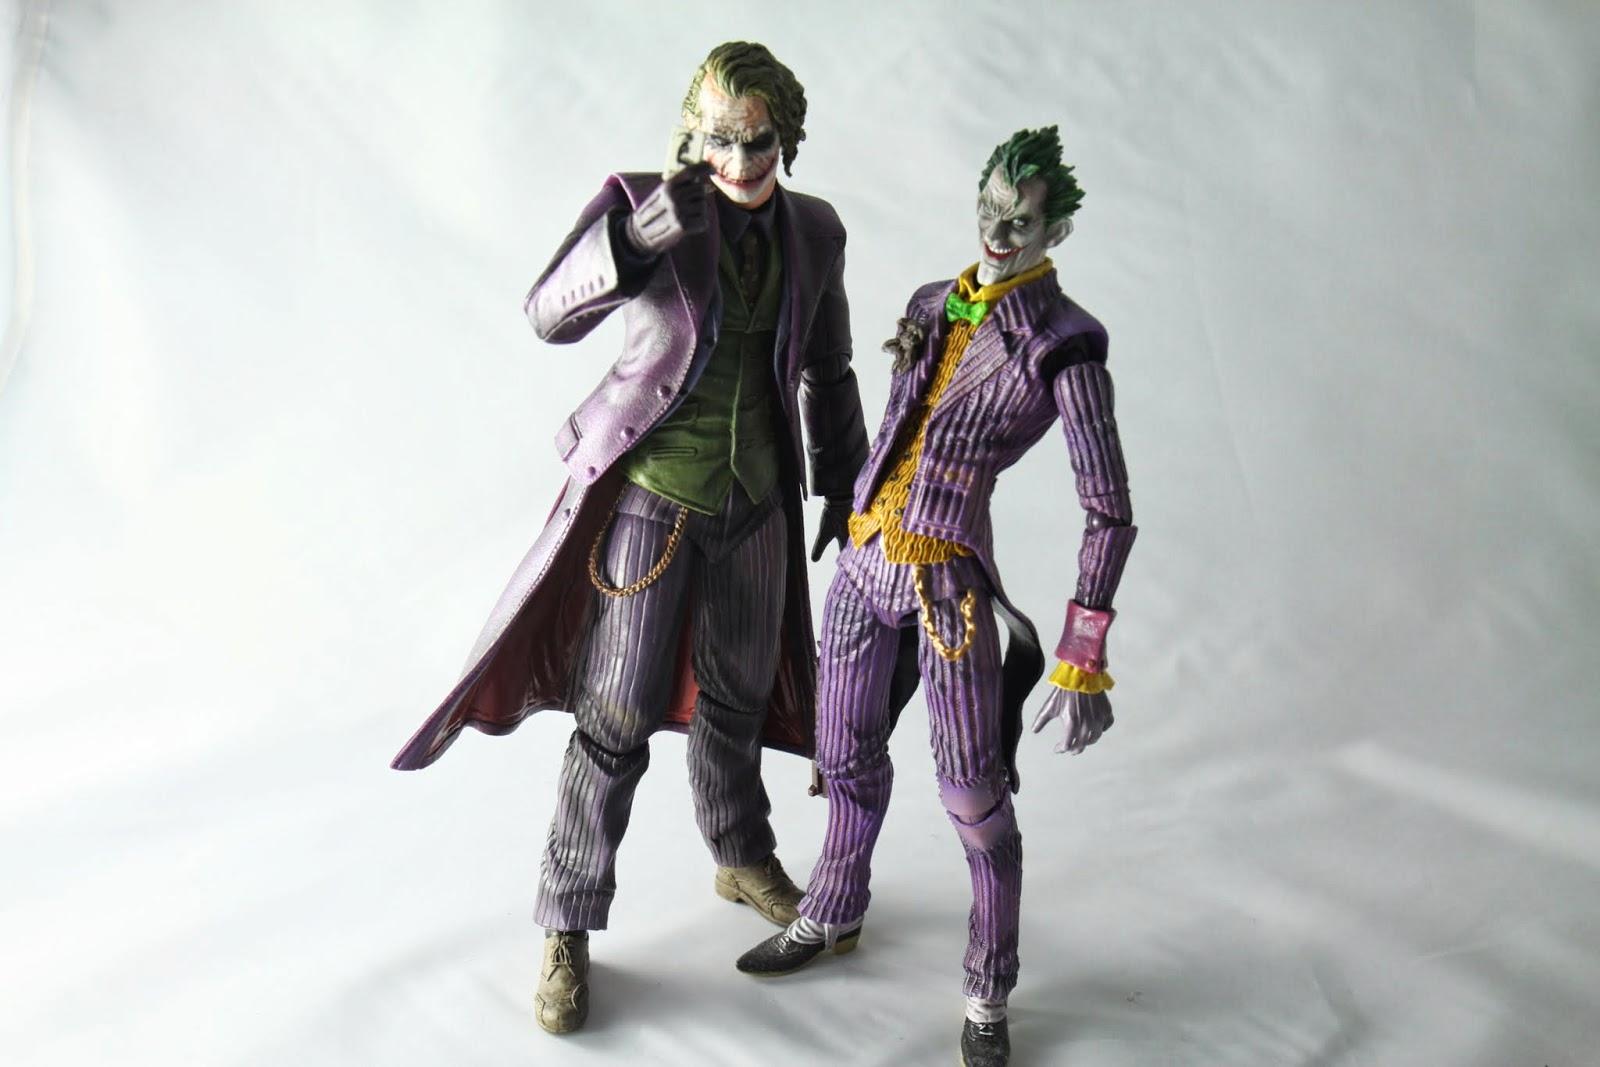 小丑與小丑的對談~ 小丑:嗚哈哈哈哈哈哈哈 小丑:嗚哈哈哈哈哈哈哈